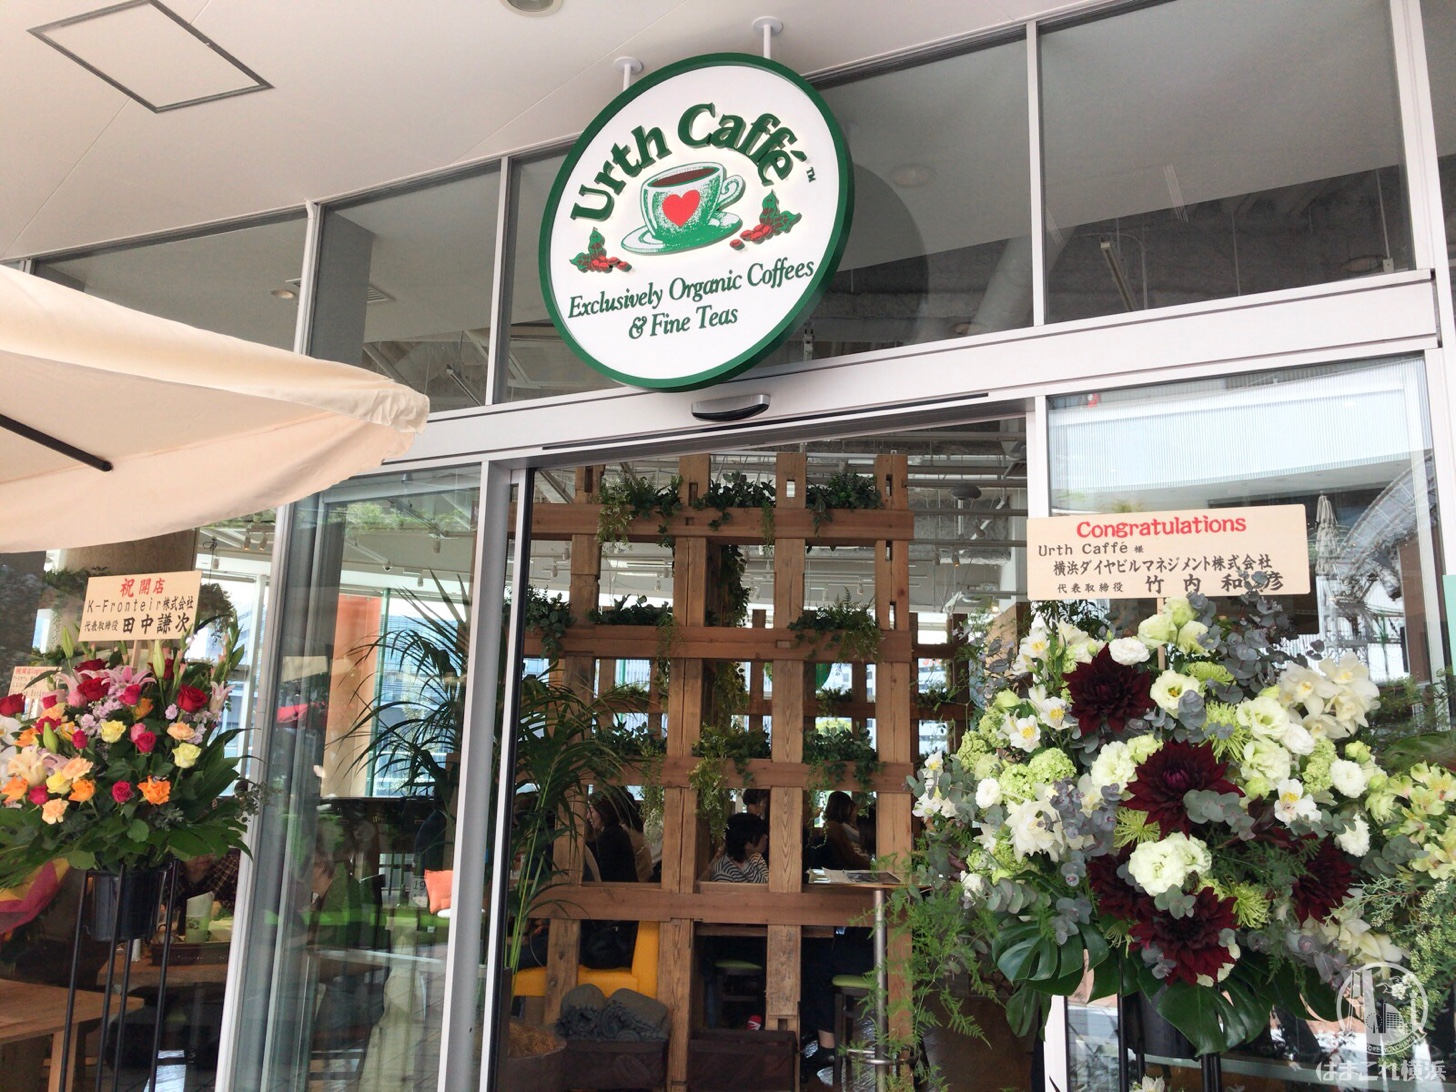 アースカフェ 横浜ベイクォーター店 外観・入口